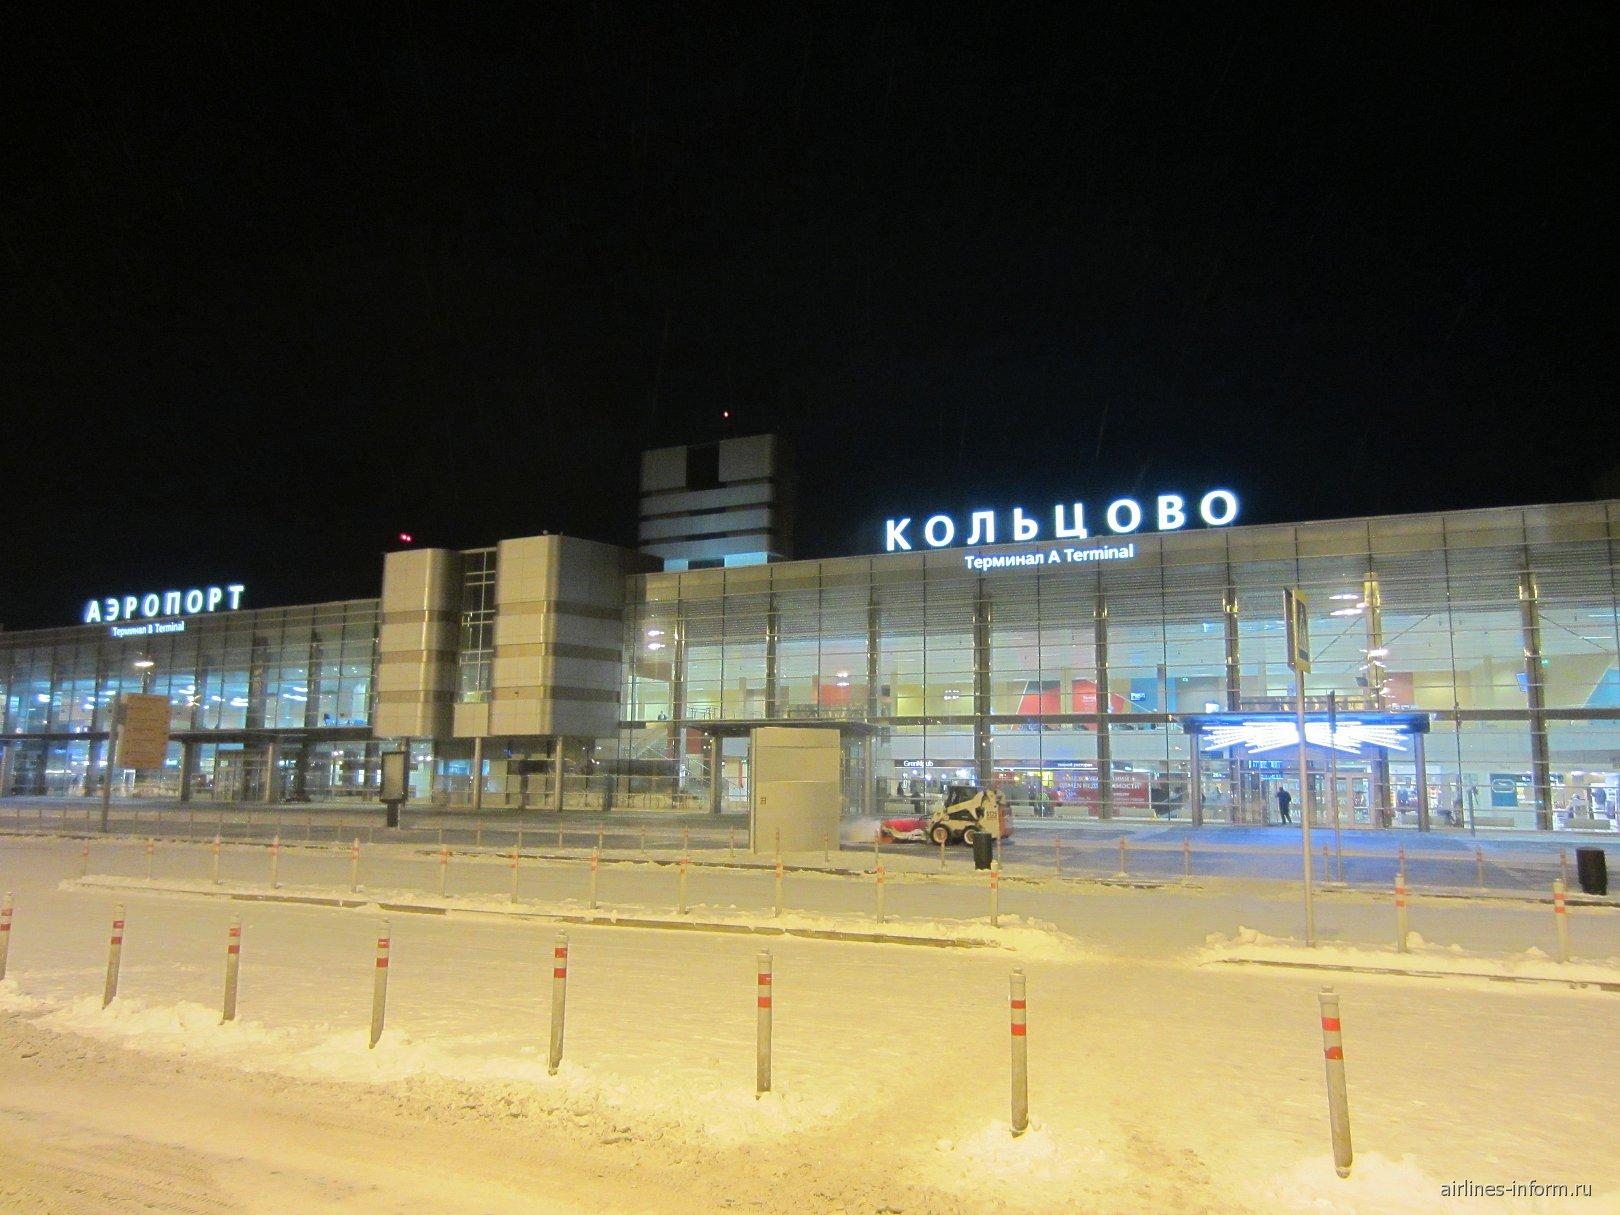 Пассажирский терминал аэропорта Екатеринбург Кольцово зимой